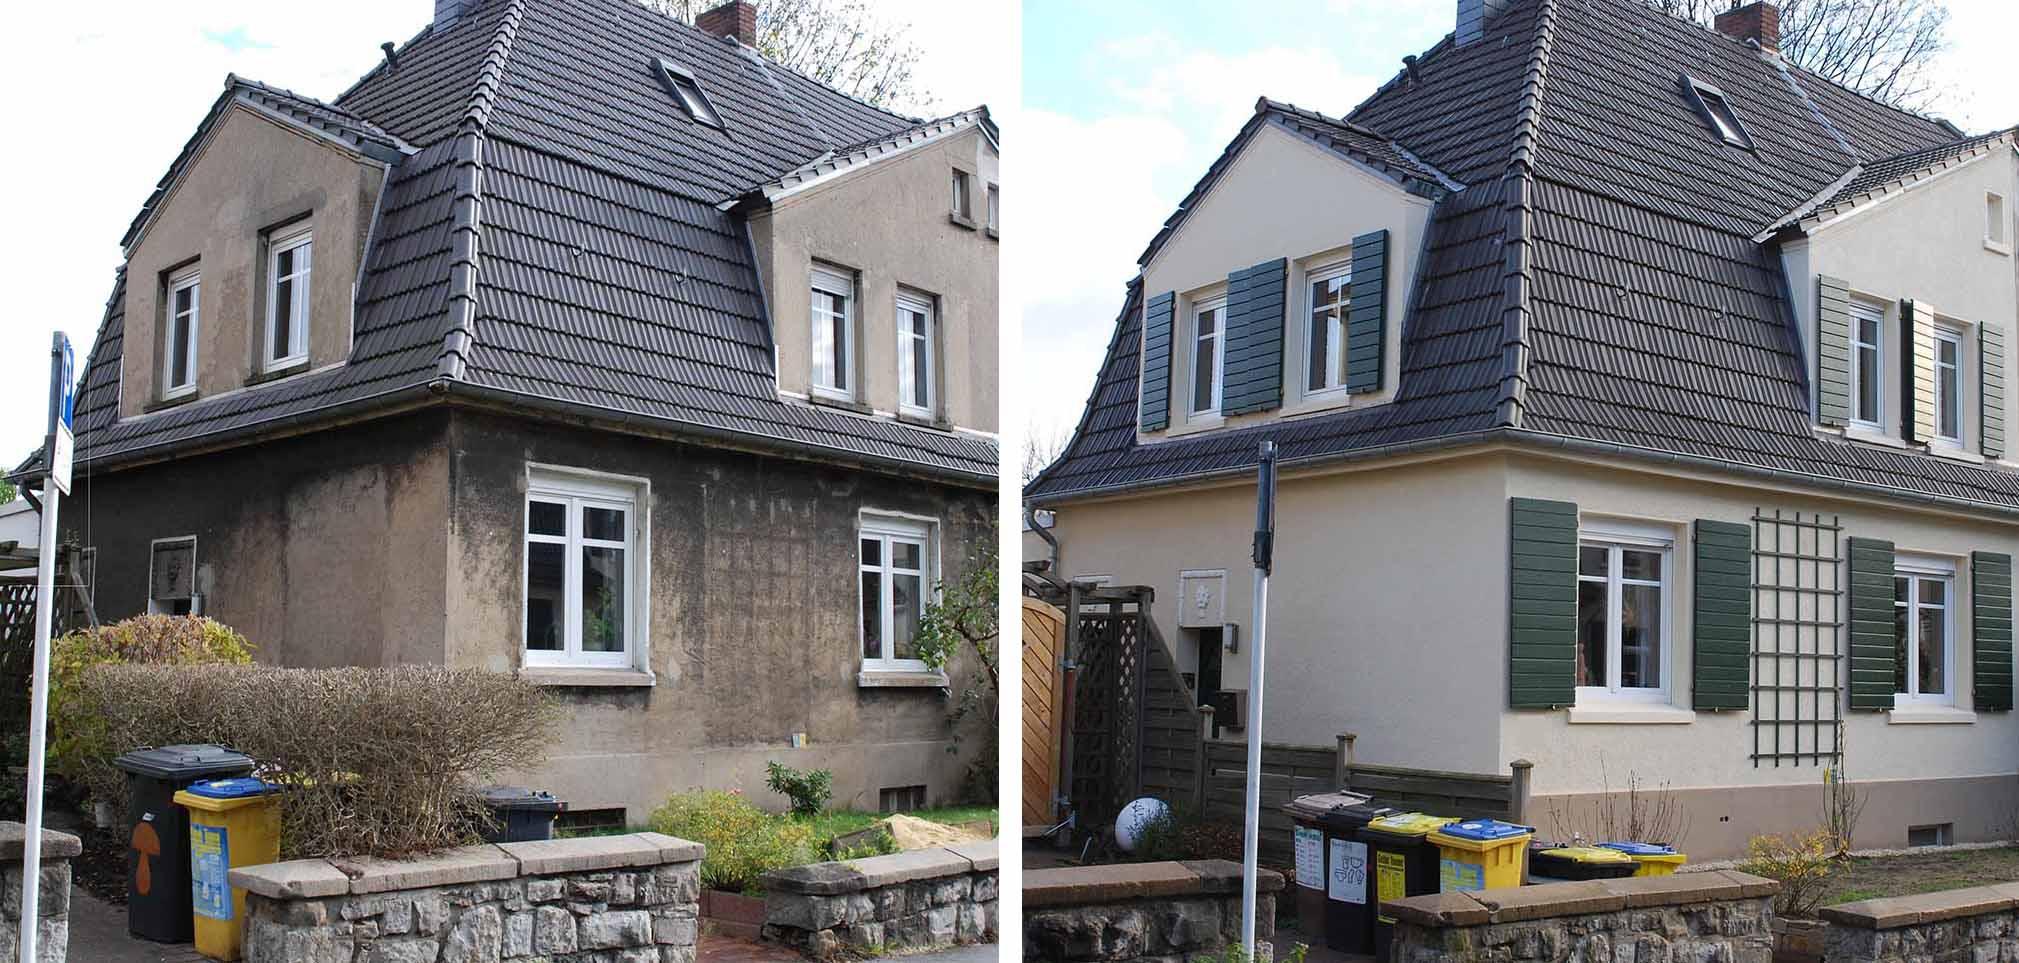 Mit Hilfe des Fassadenprogramms wurde dieses Haus in der Siedlung Oberdorstfeld saniert. Fotos: Susanne Maluck / Anneke Lamot (Stadt Dortmund/ Denkmalbehörde)